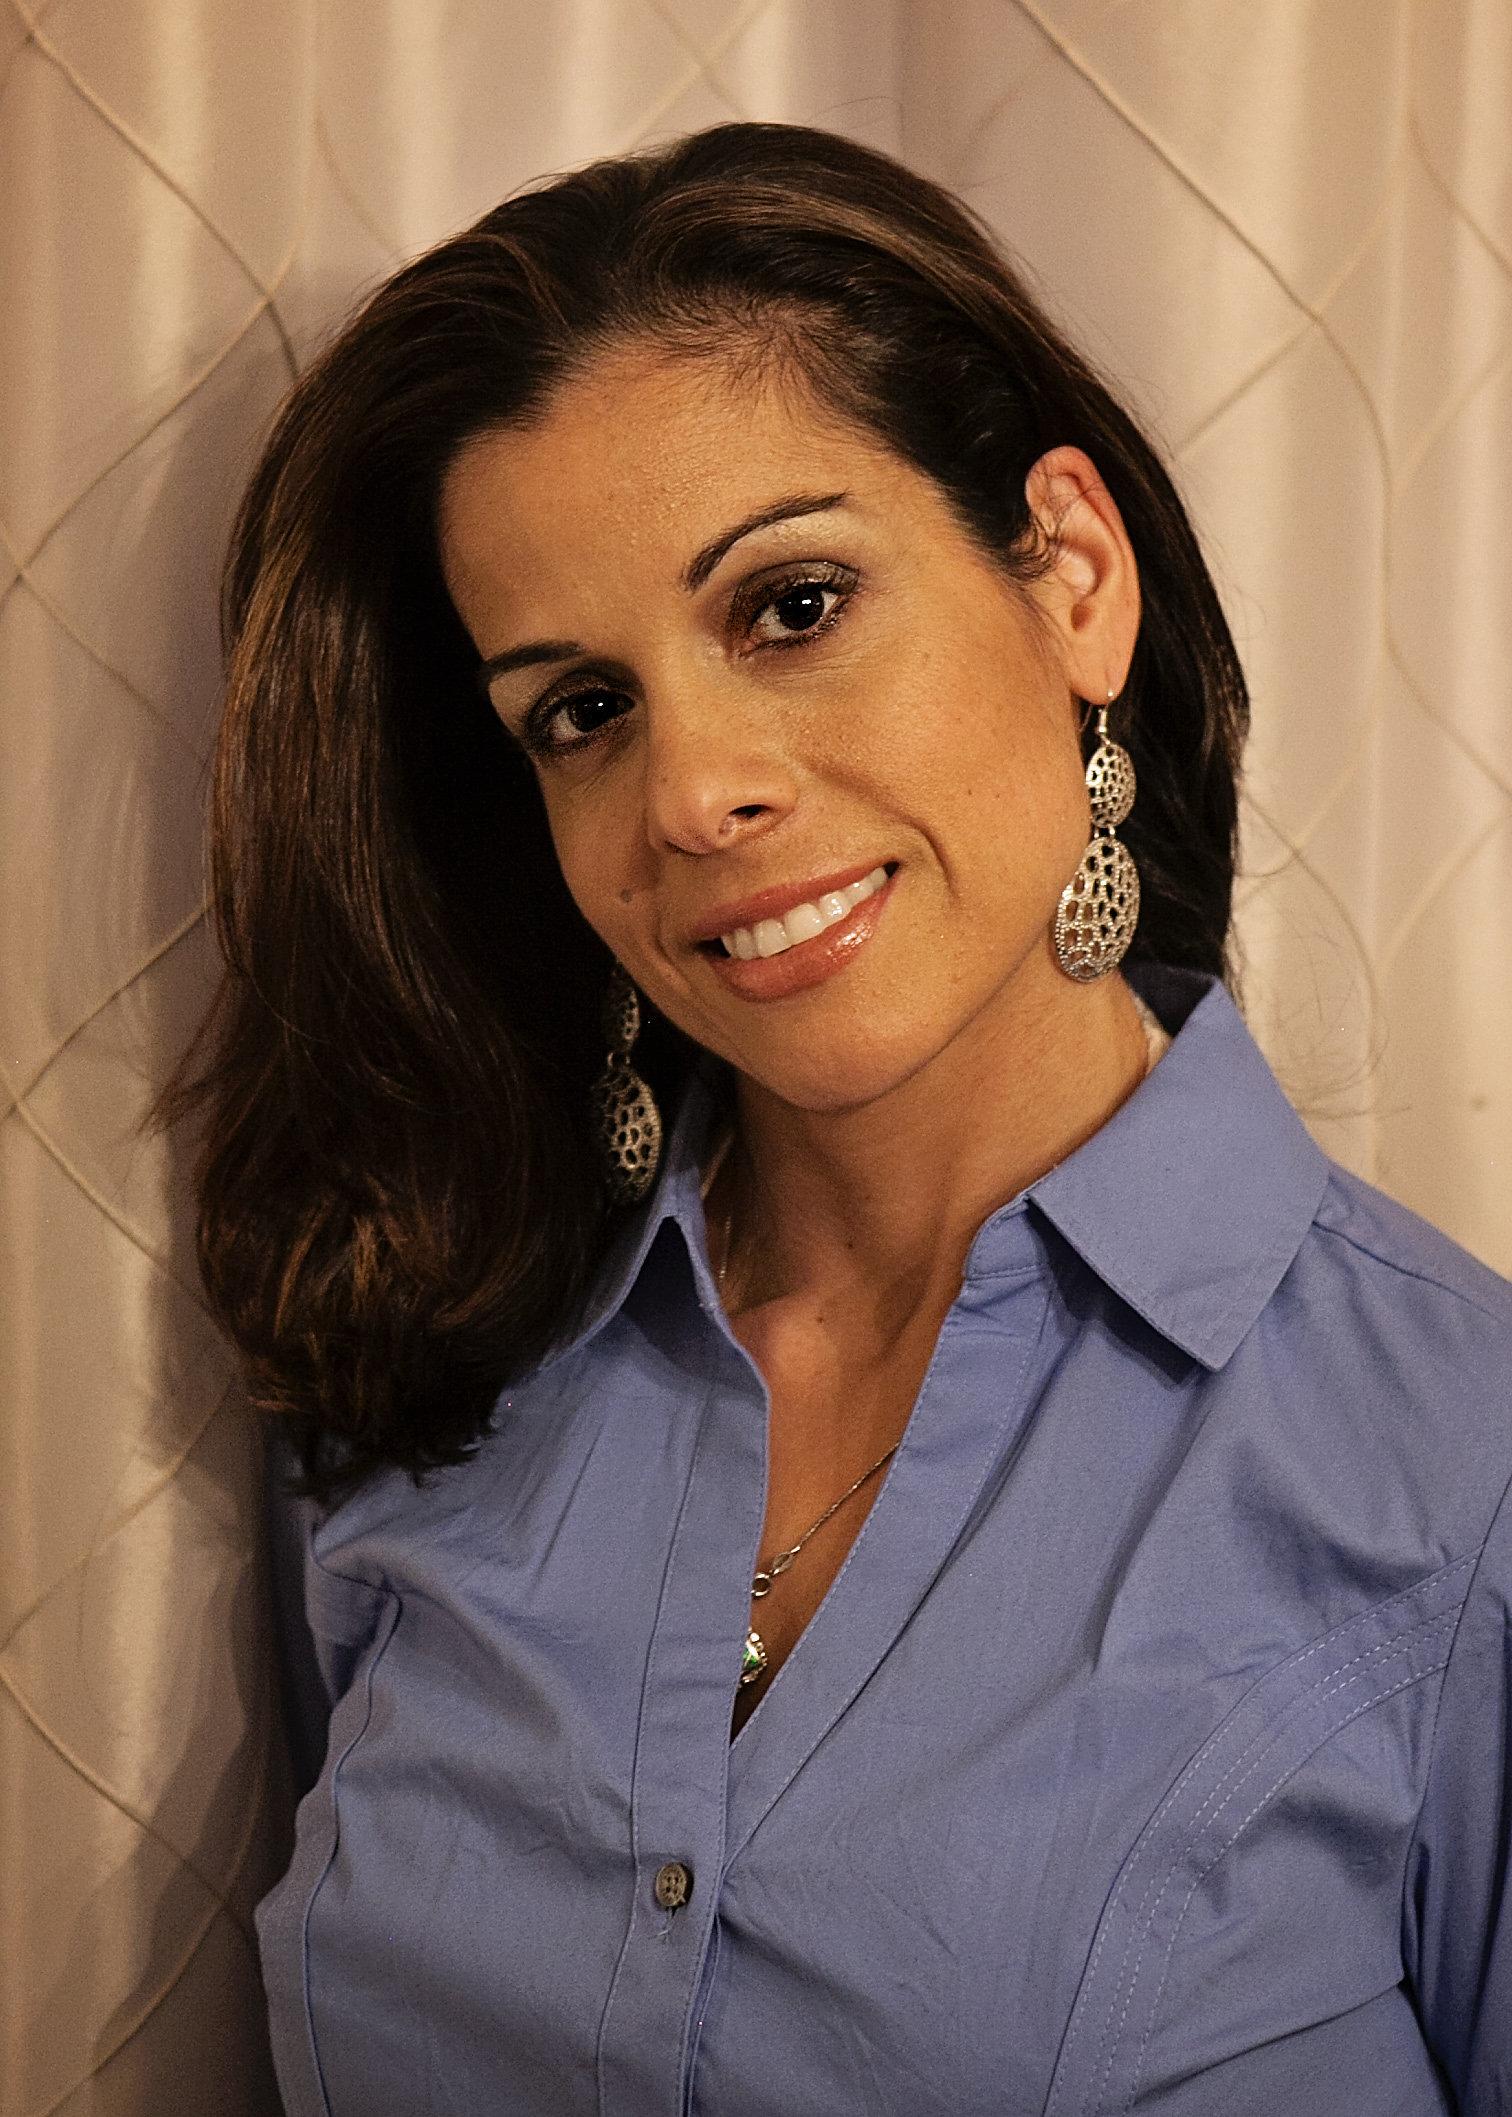 Mandy LaGreca